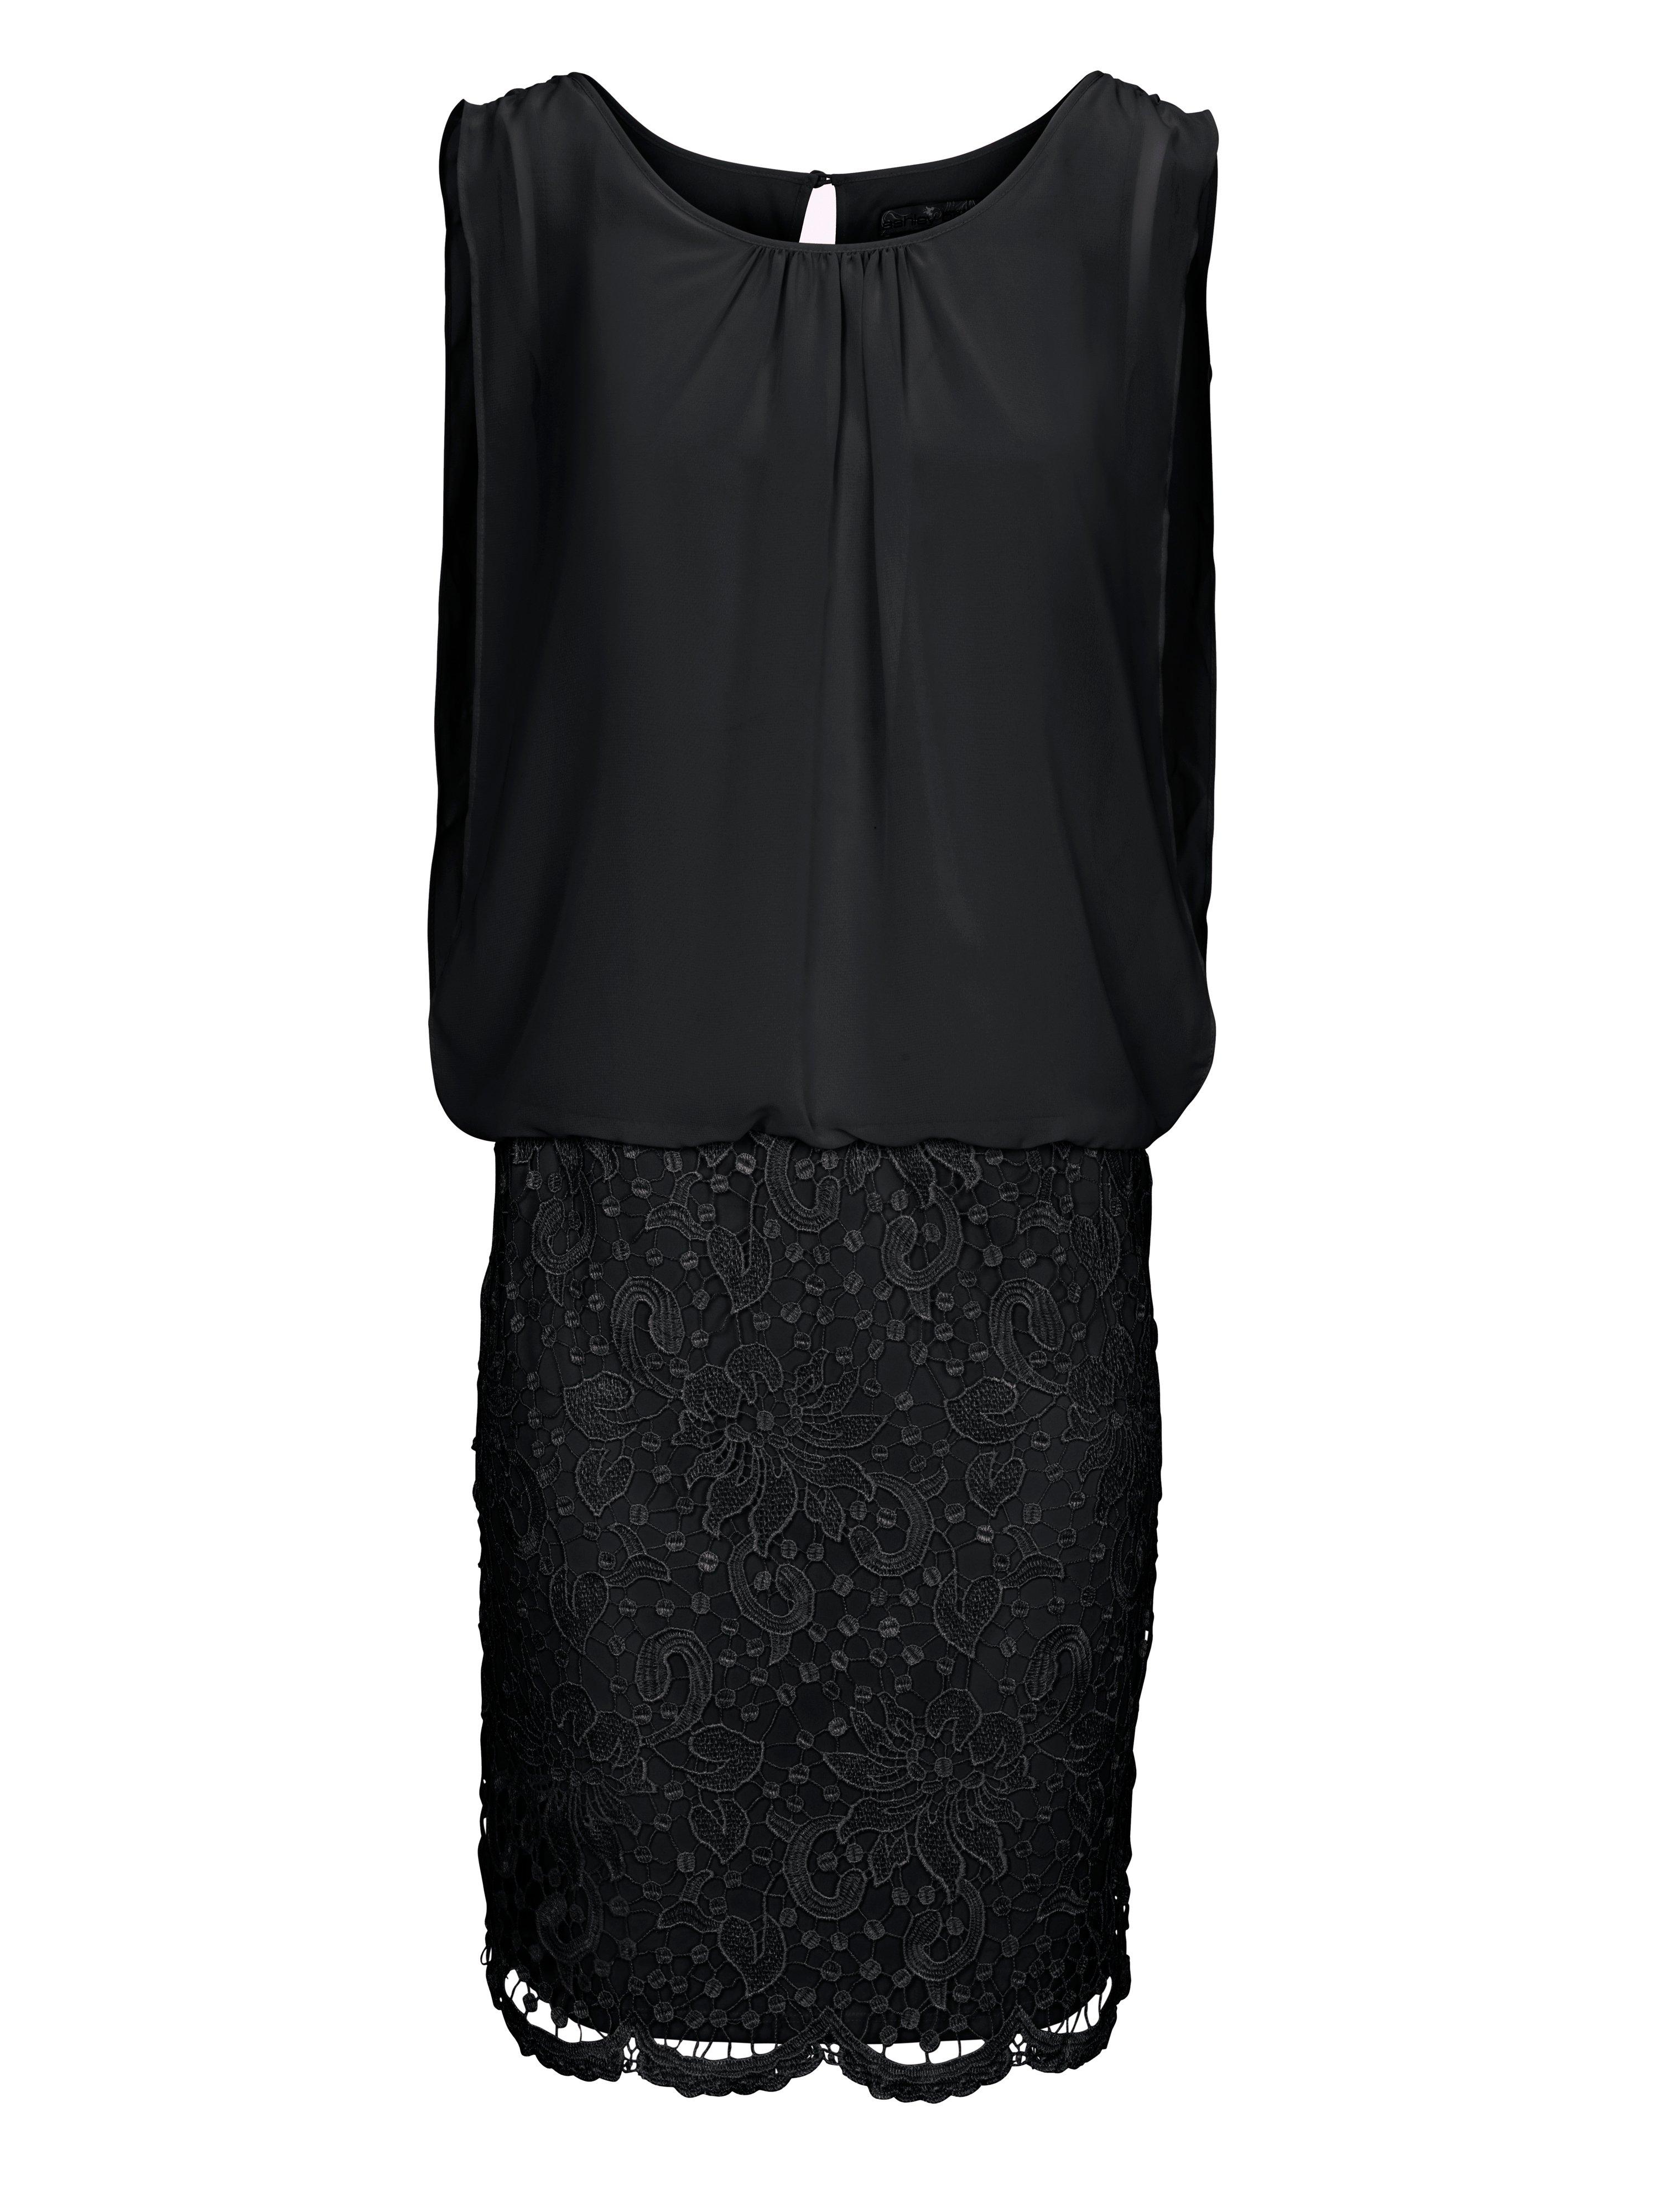 PATRIZIA DINI by Heine Kanten jurk nu online kopen bij OTTO